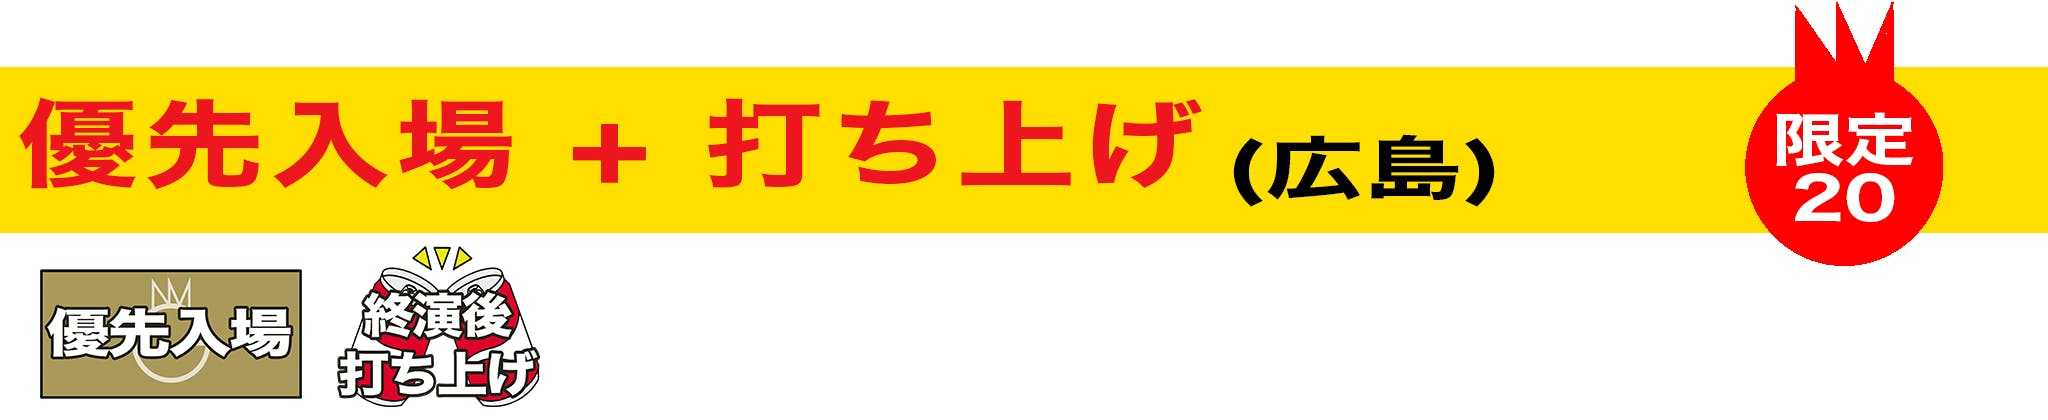 クラファン リターン優先入場 打ち上げ 広島